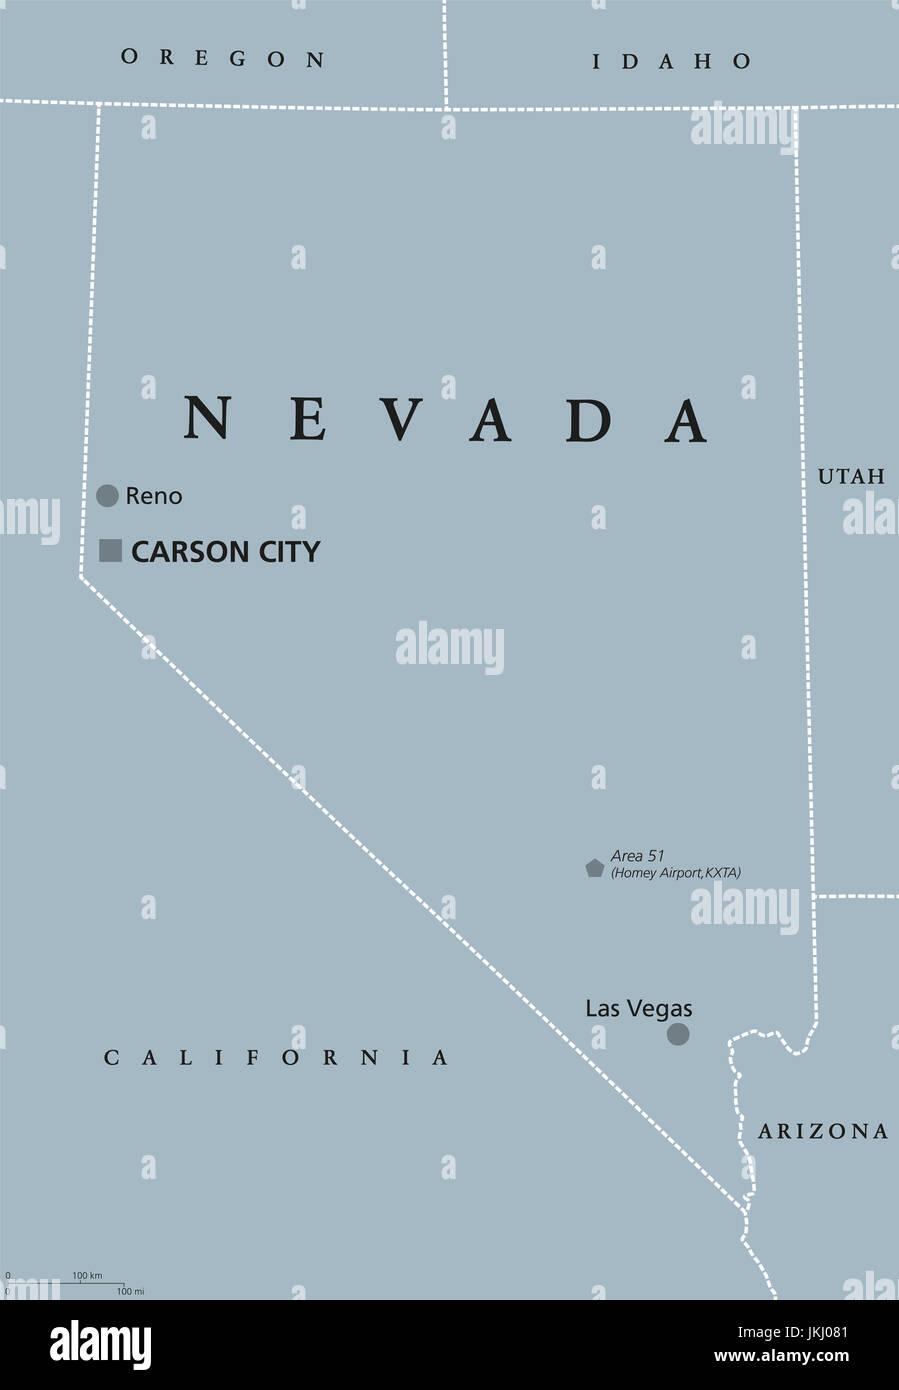 Nevada Mapa Politico Con Las Vegas Reno Y Capital Carson City Estado En El Oeste La Montana Del Oeste Sudoeste Y Regiones De Los Estados Unidos Fotografia De Stock Alamy